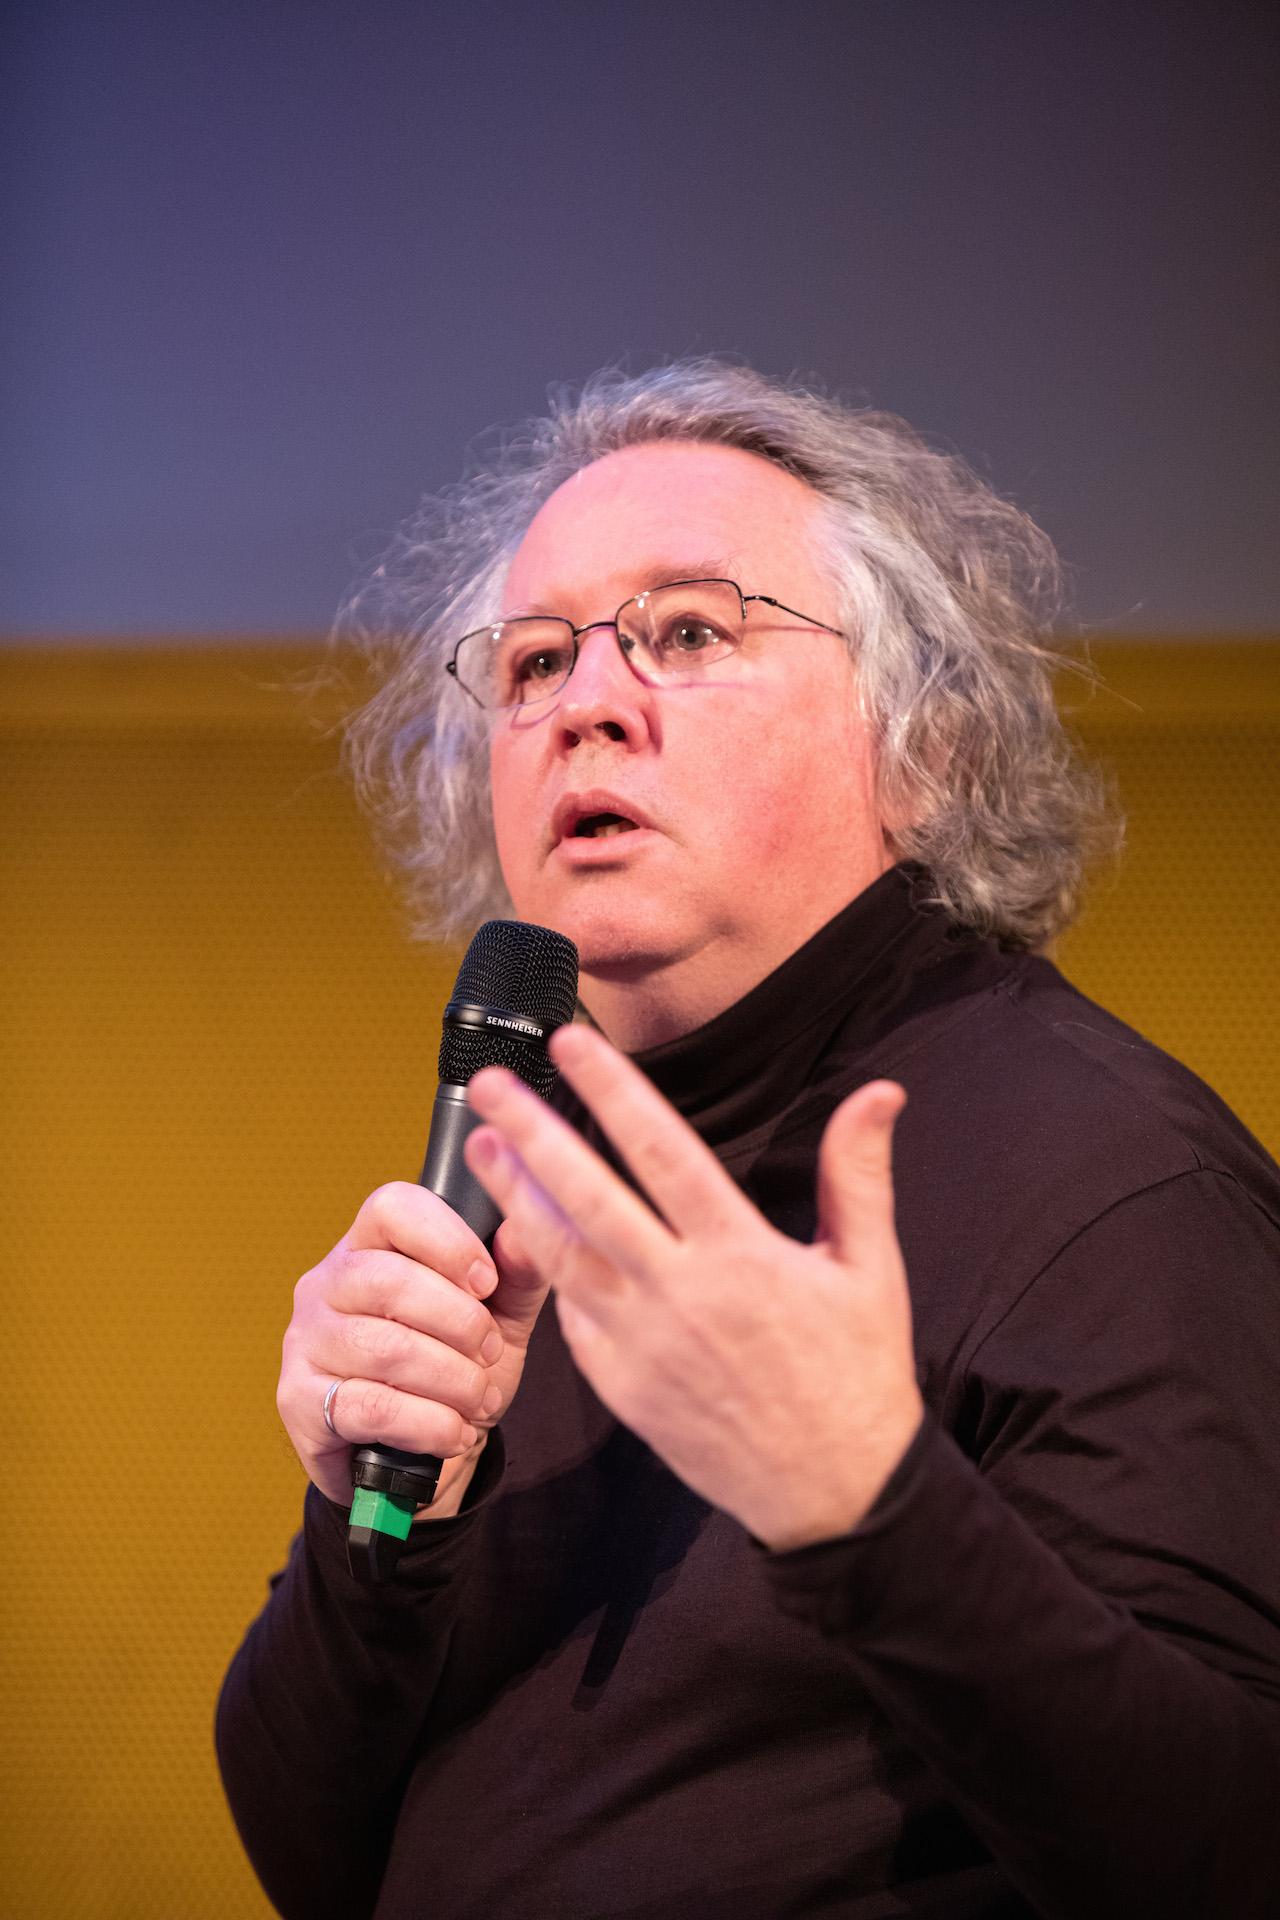 Jean-Claude Heudin, scientifique, écrivain et compositeur